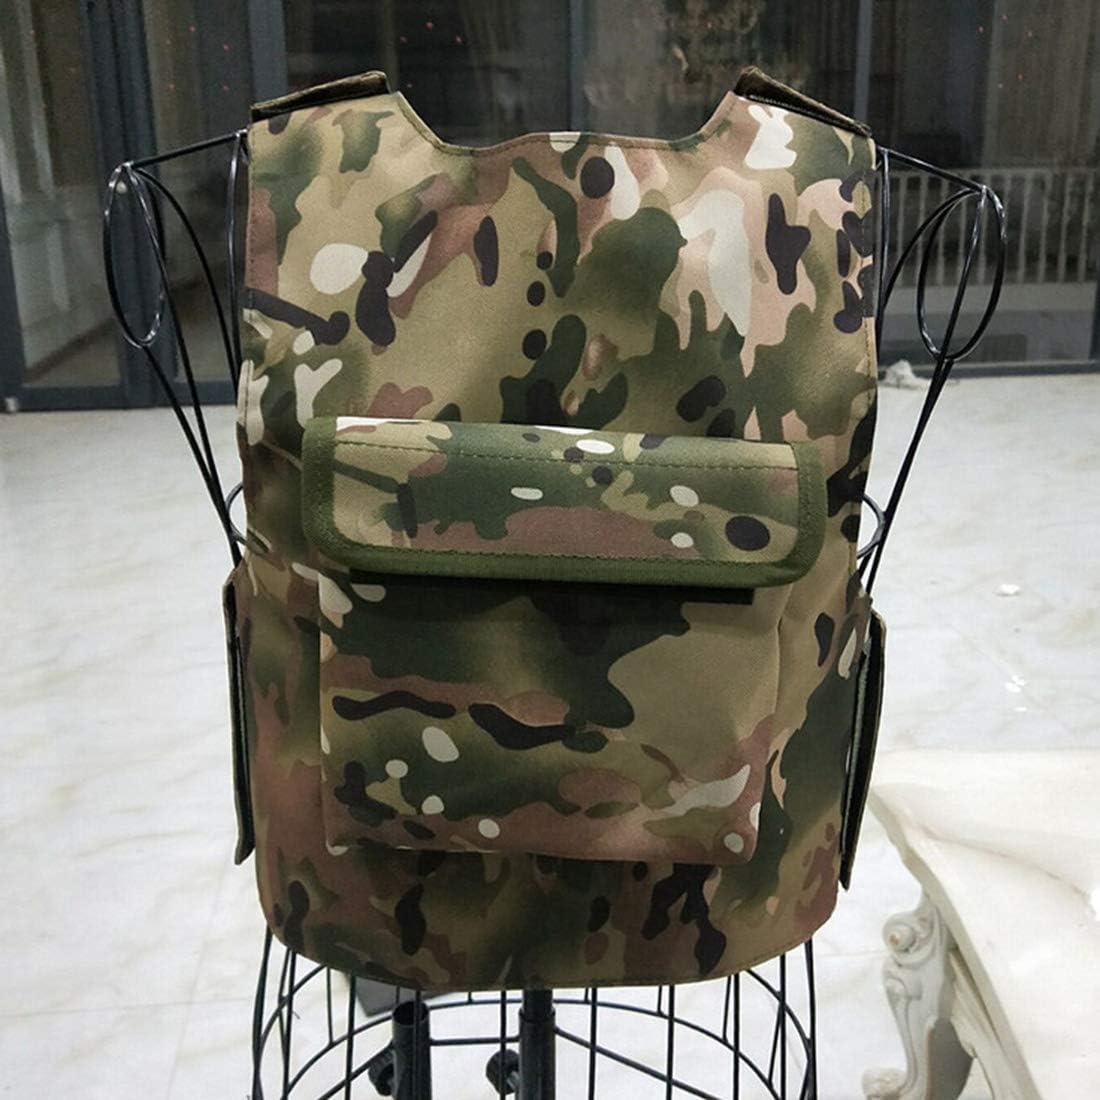 Leic Chaleco Protector t/áctico Ni/ños t/ácticas Militares de Tres Niveles Traje de Chaleco de Equipo extendido para Menos de 140 cm para Entrenamiento CS Airsoft Paintball Game